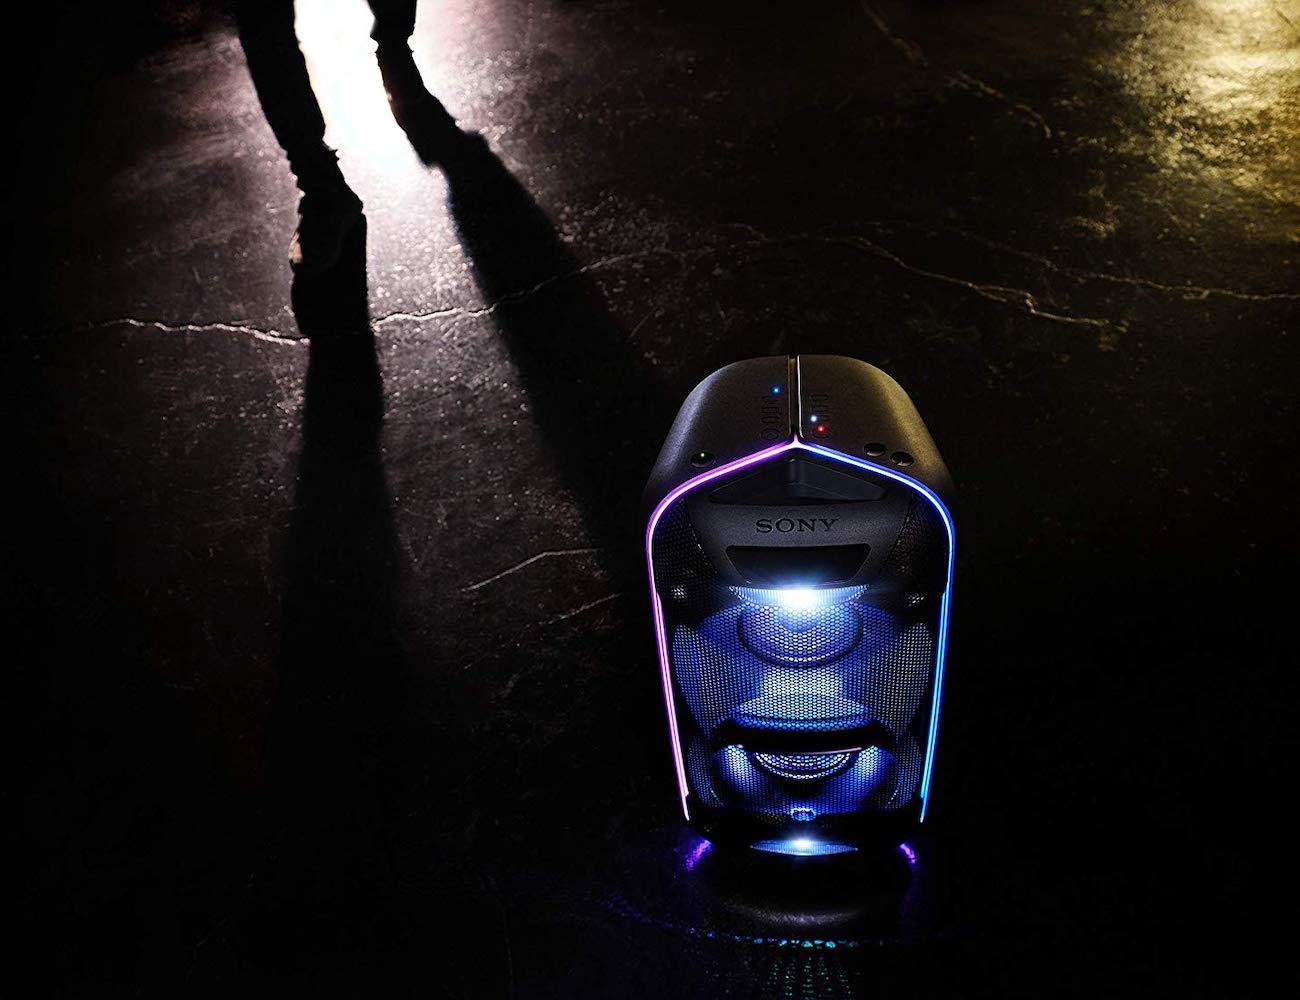 Sony GTK-XB72 Wireless Dance Party Speaker